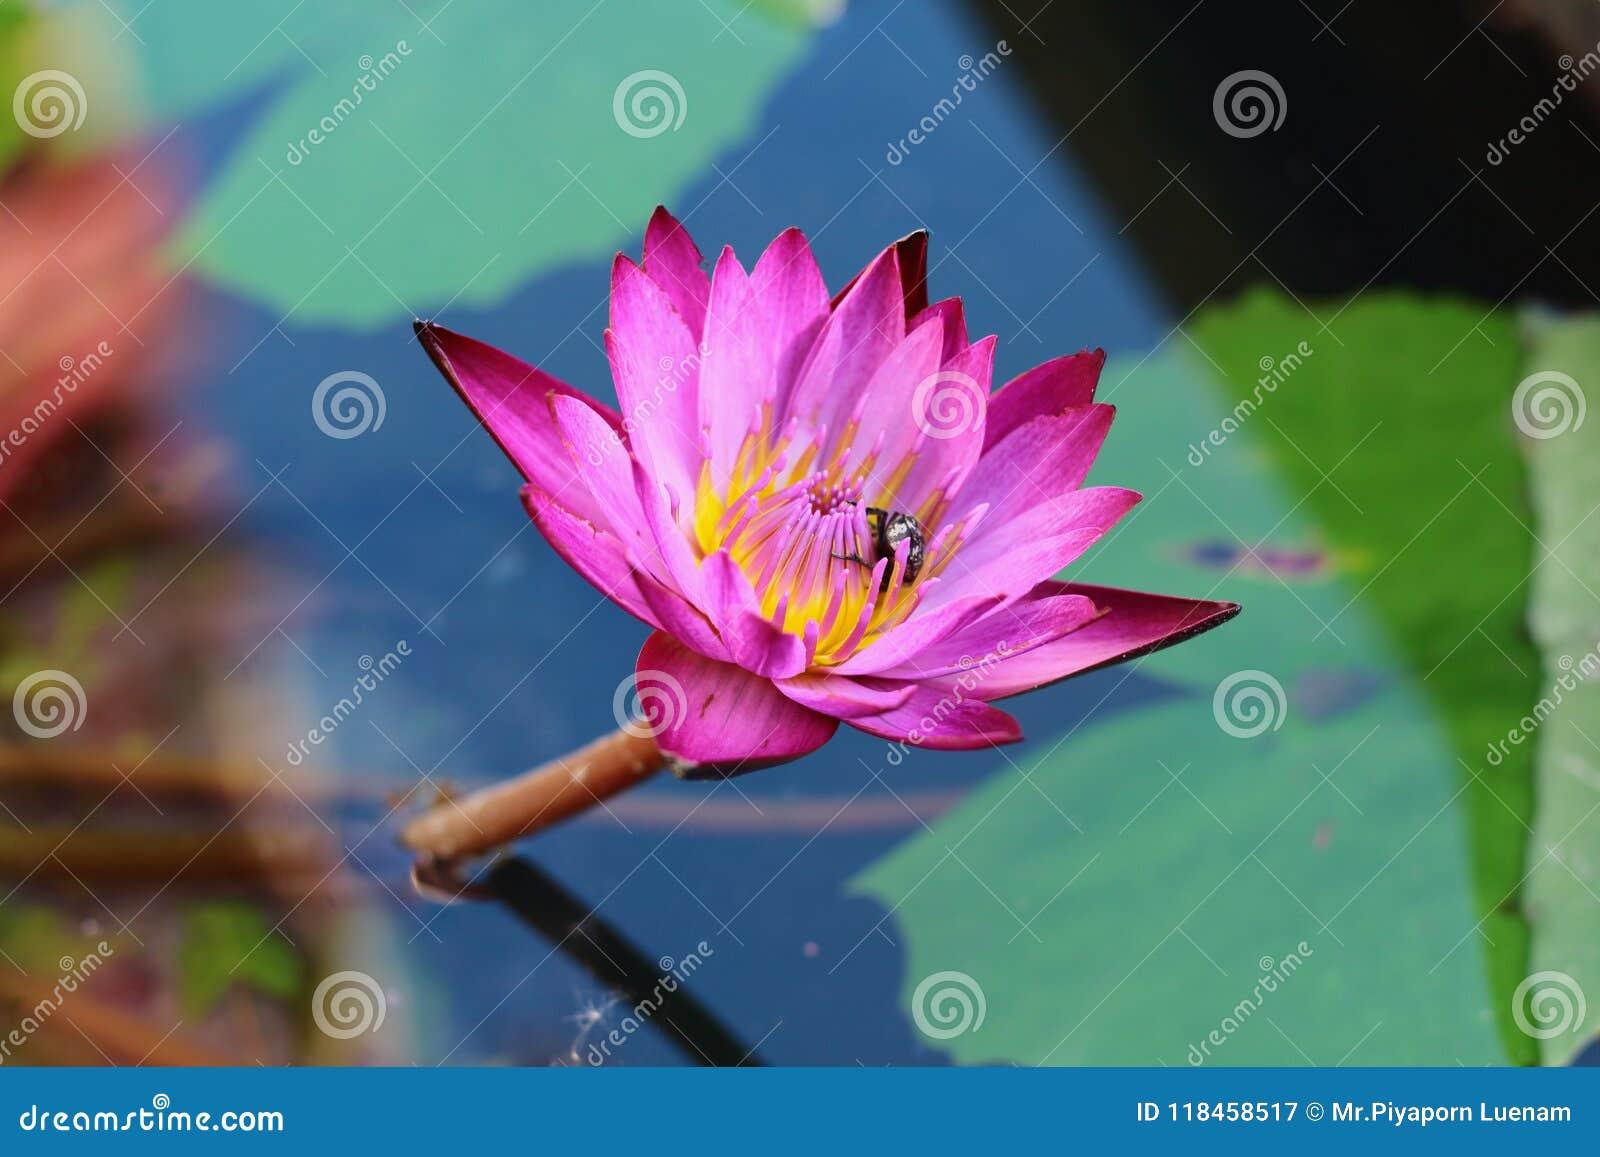 Lotus Flowers Stock Image Image Of Closeup Lily Lotus 118458517